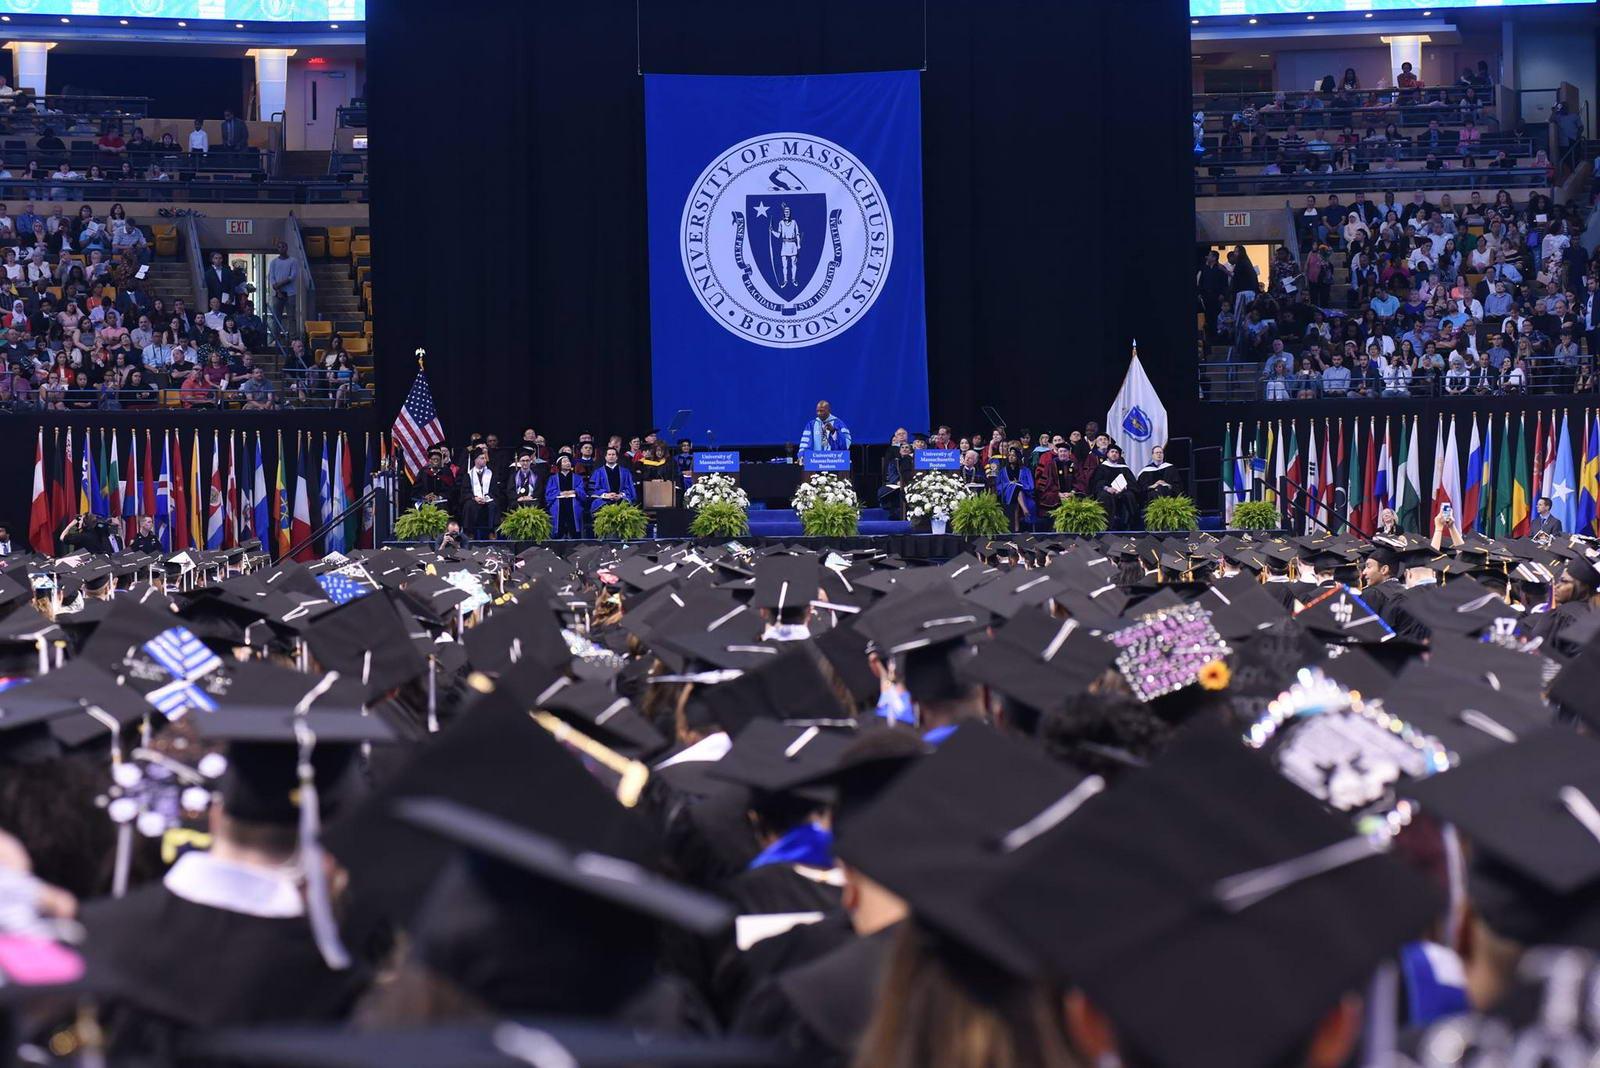 Les universités et collèges publics de Boston